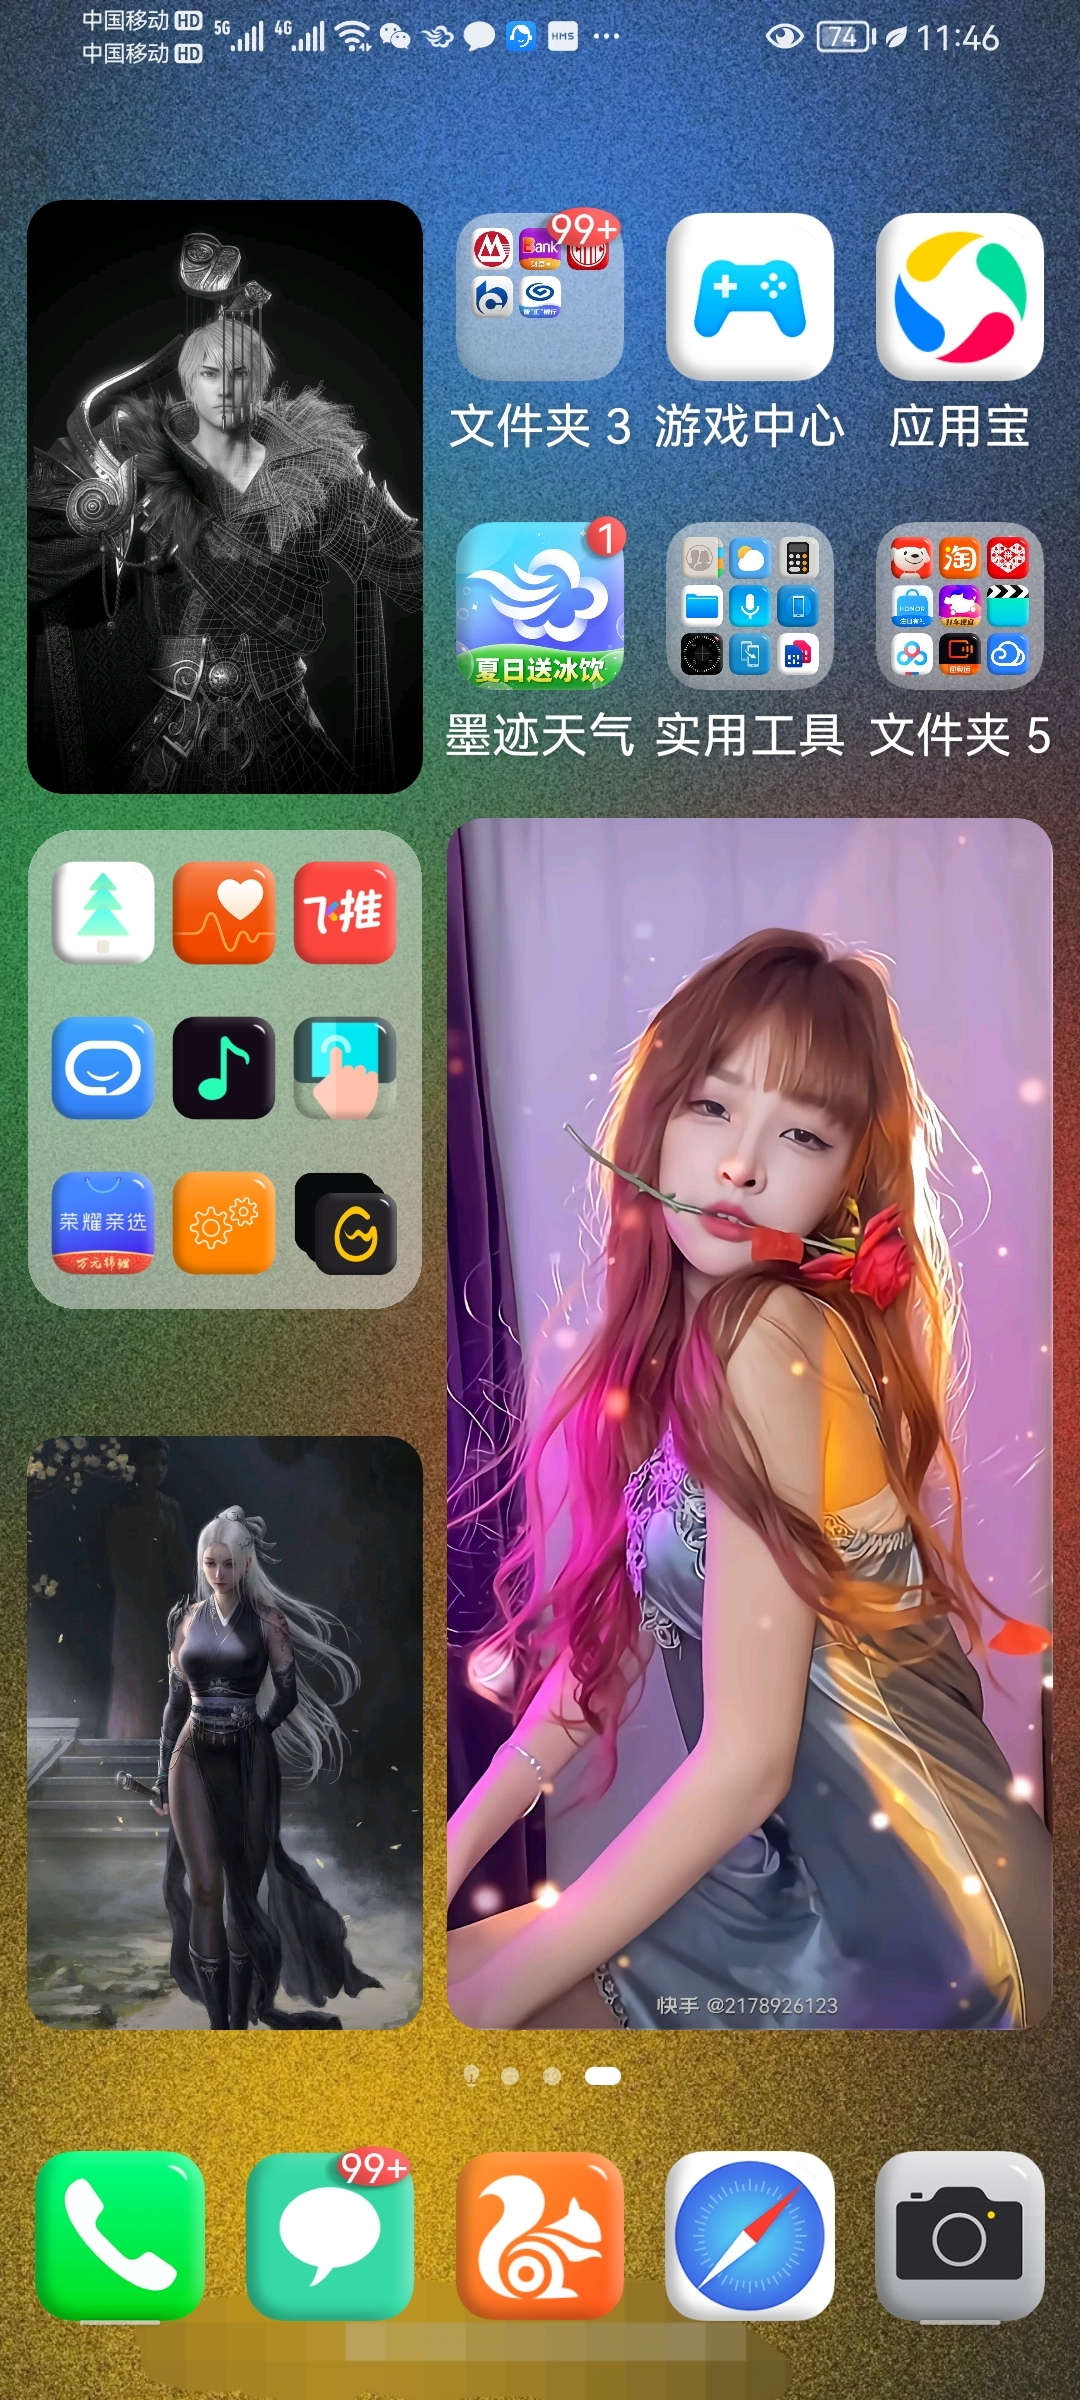 Screenshot_20210821_114629_com.huawei.android.launcher.jpg